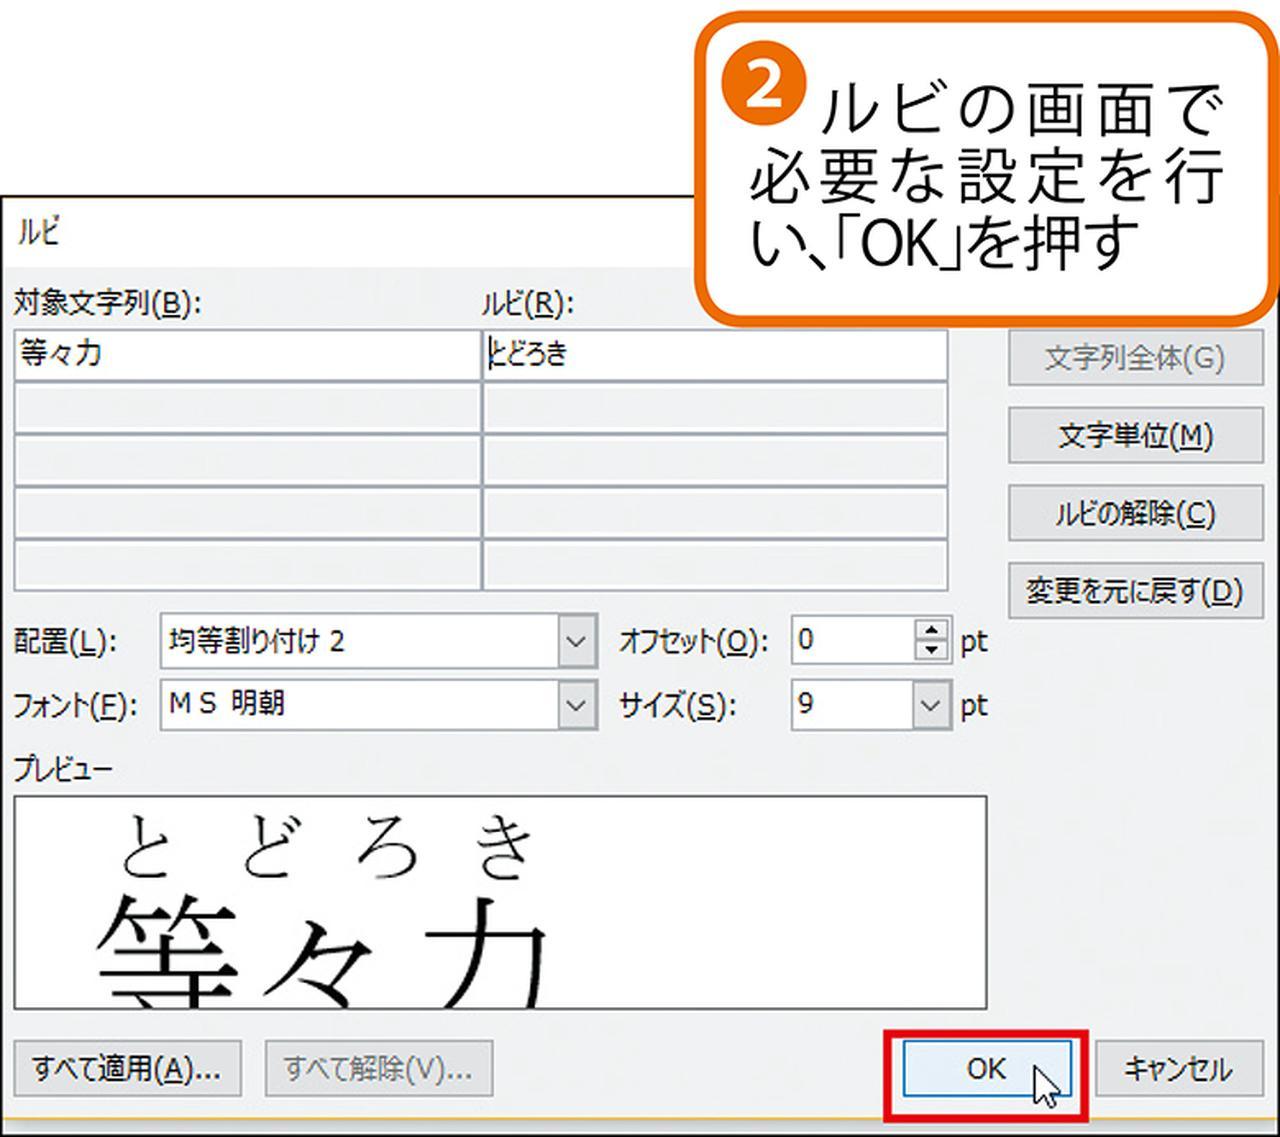 画像2: 漢字や英単語にふりがな(ルビ)を振る